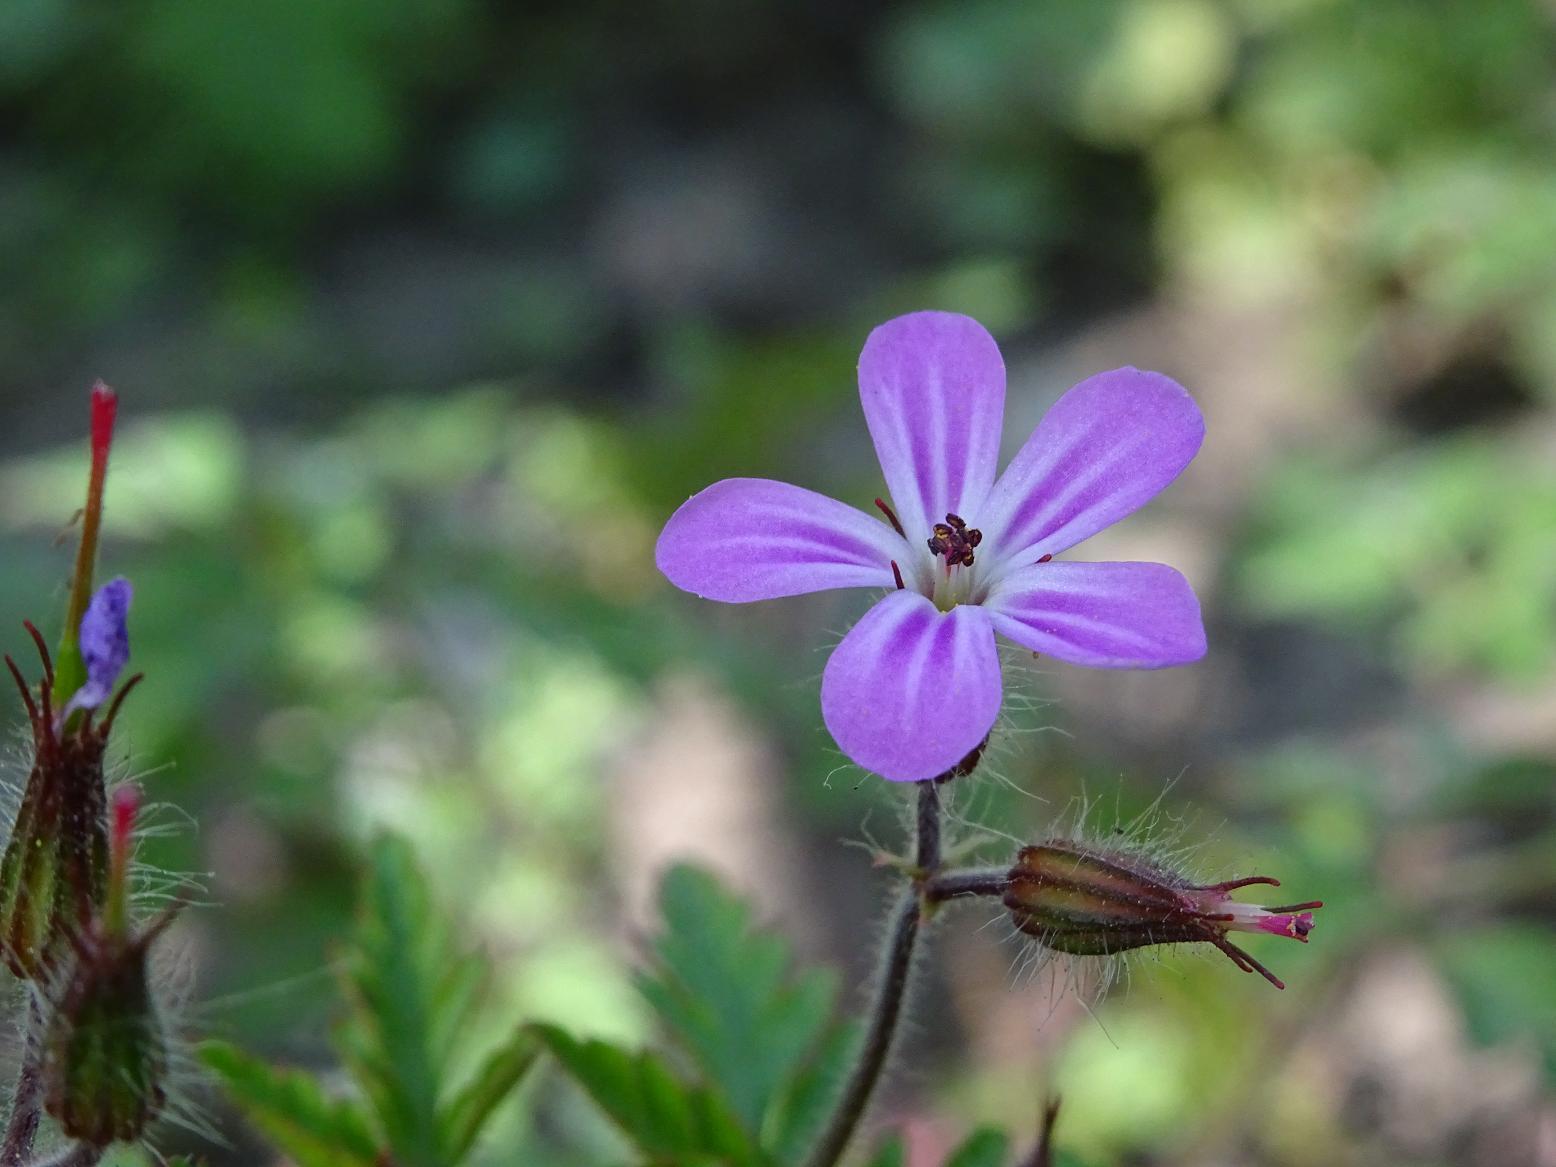 Герань Роберта (Geranium robertianum)Софийская область, 22 апреля Автор фото: Кирилова Любовь